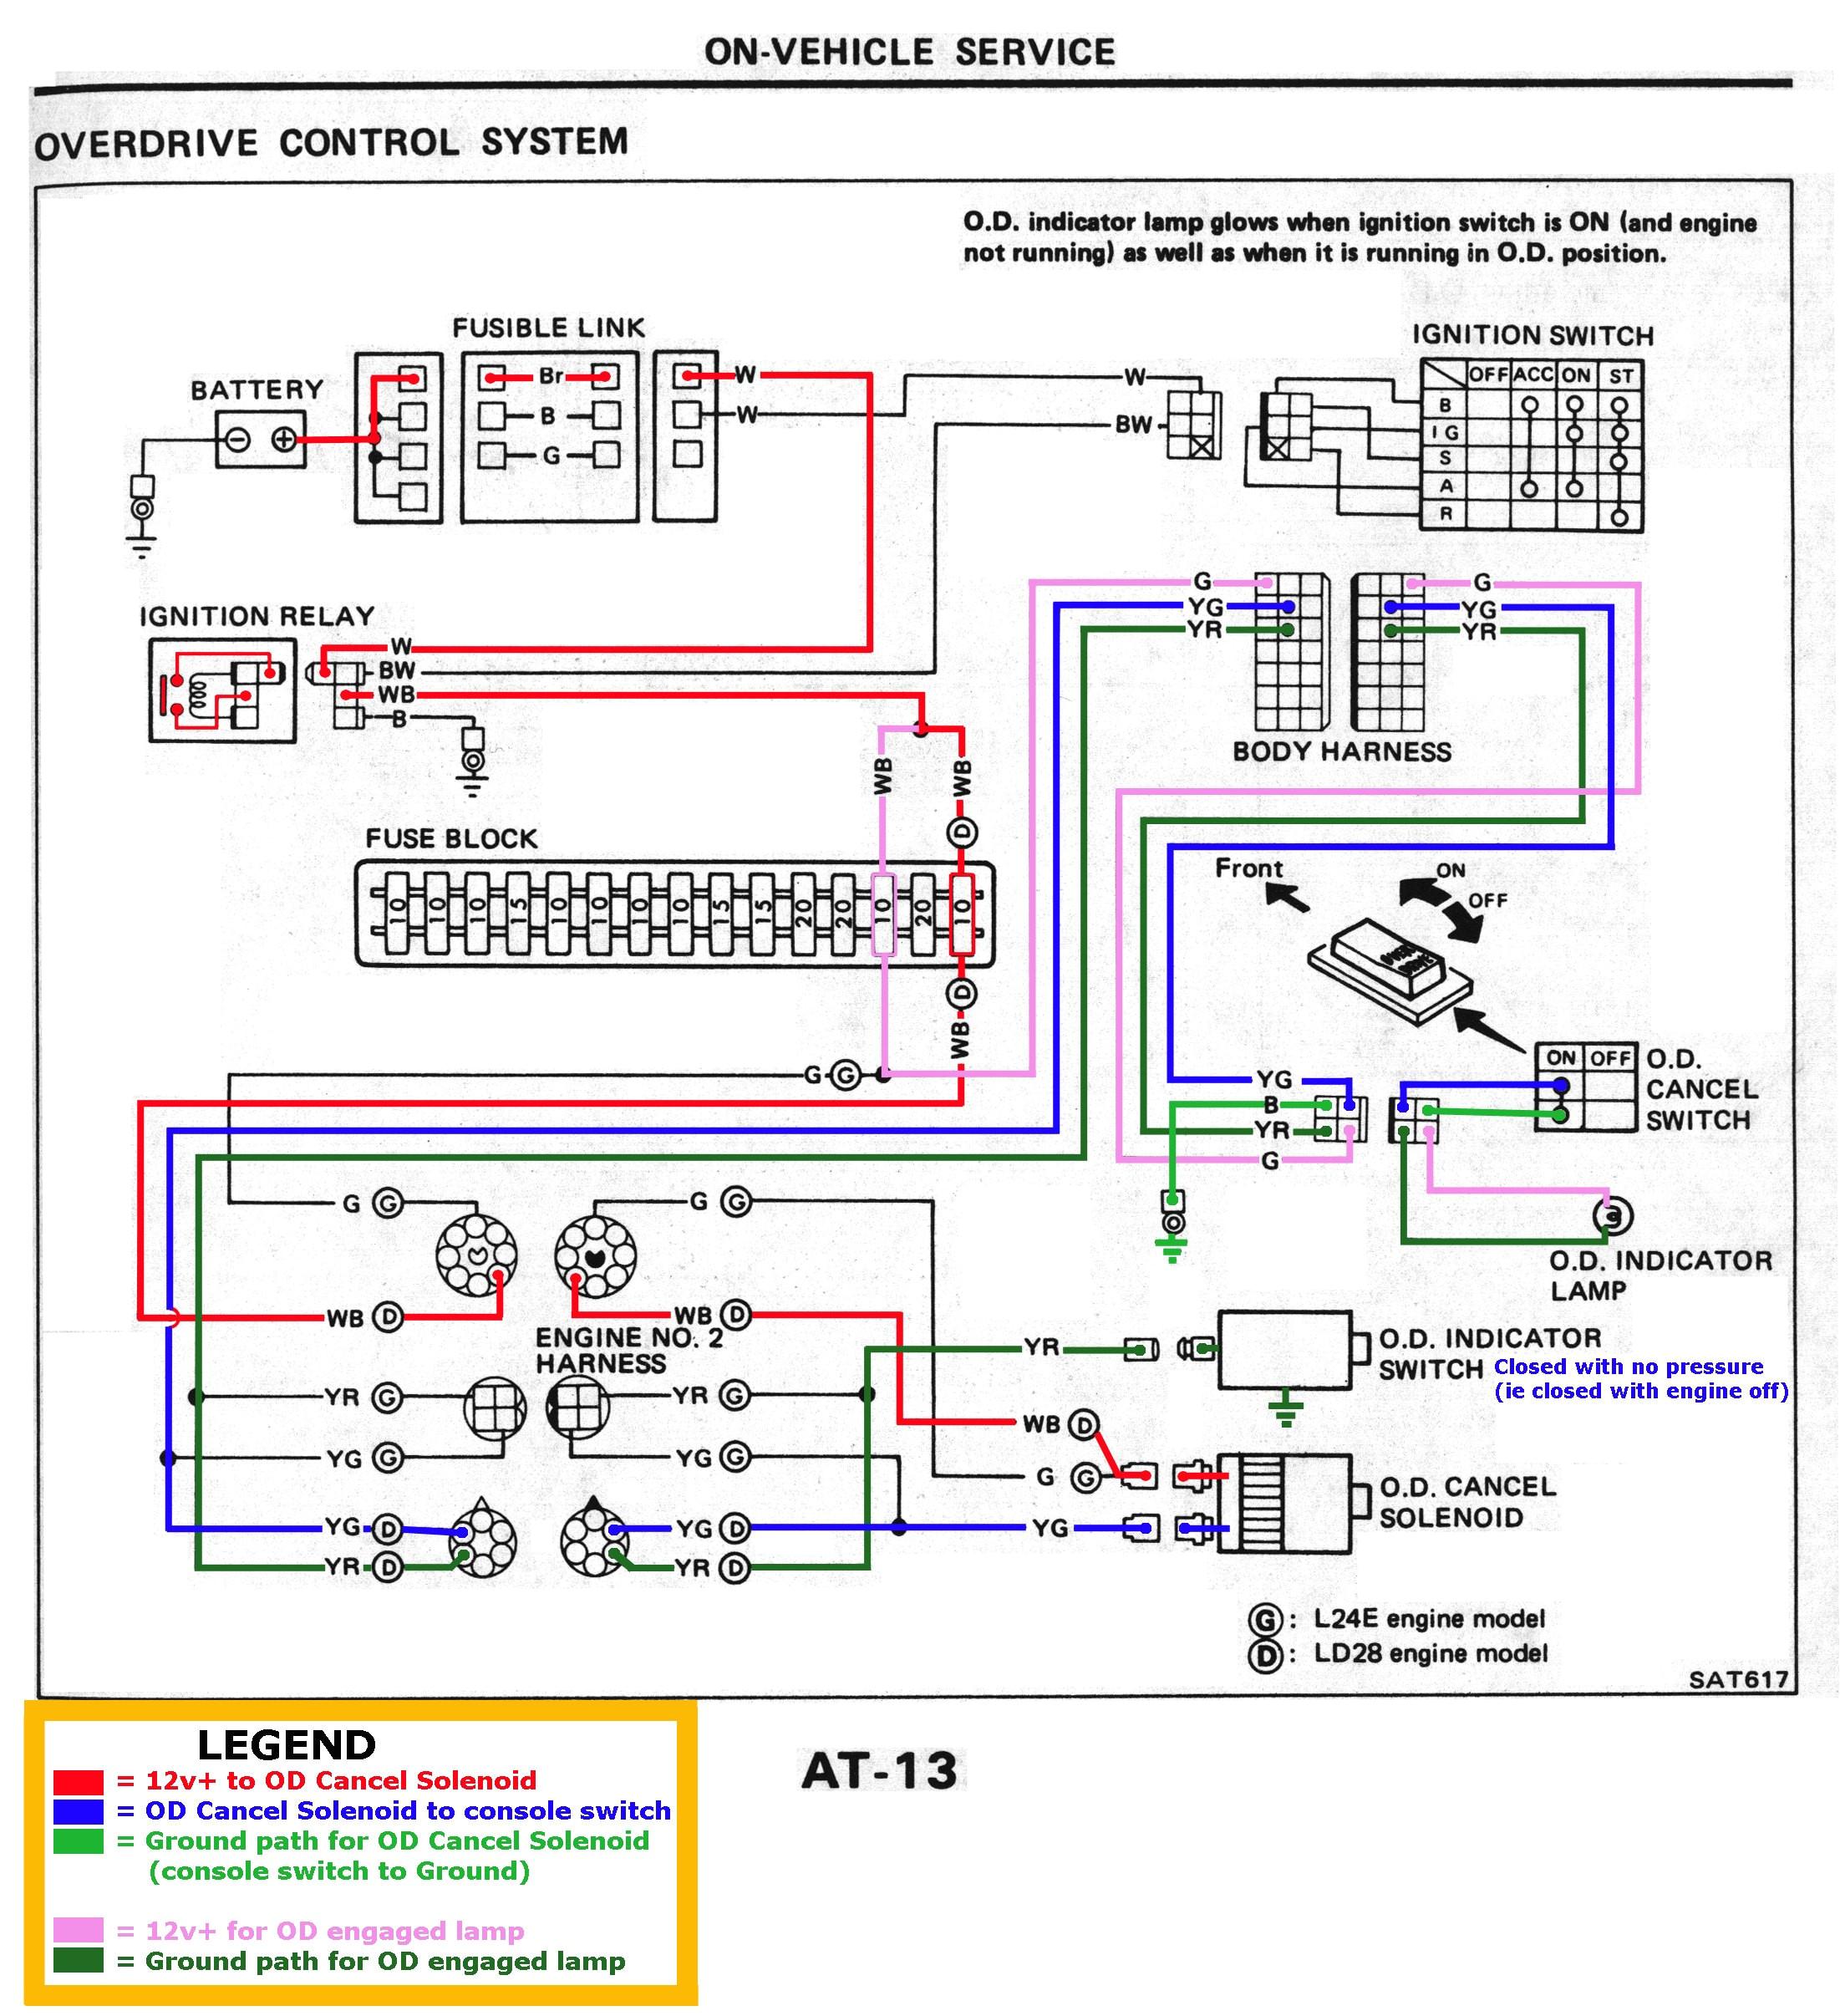 asi m12 wiring diagram wiring diagram option asi m12 wiring diagram